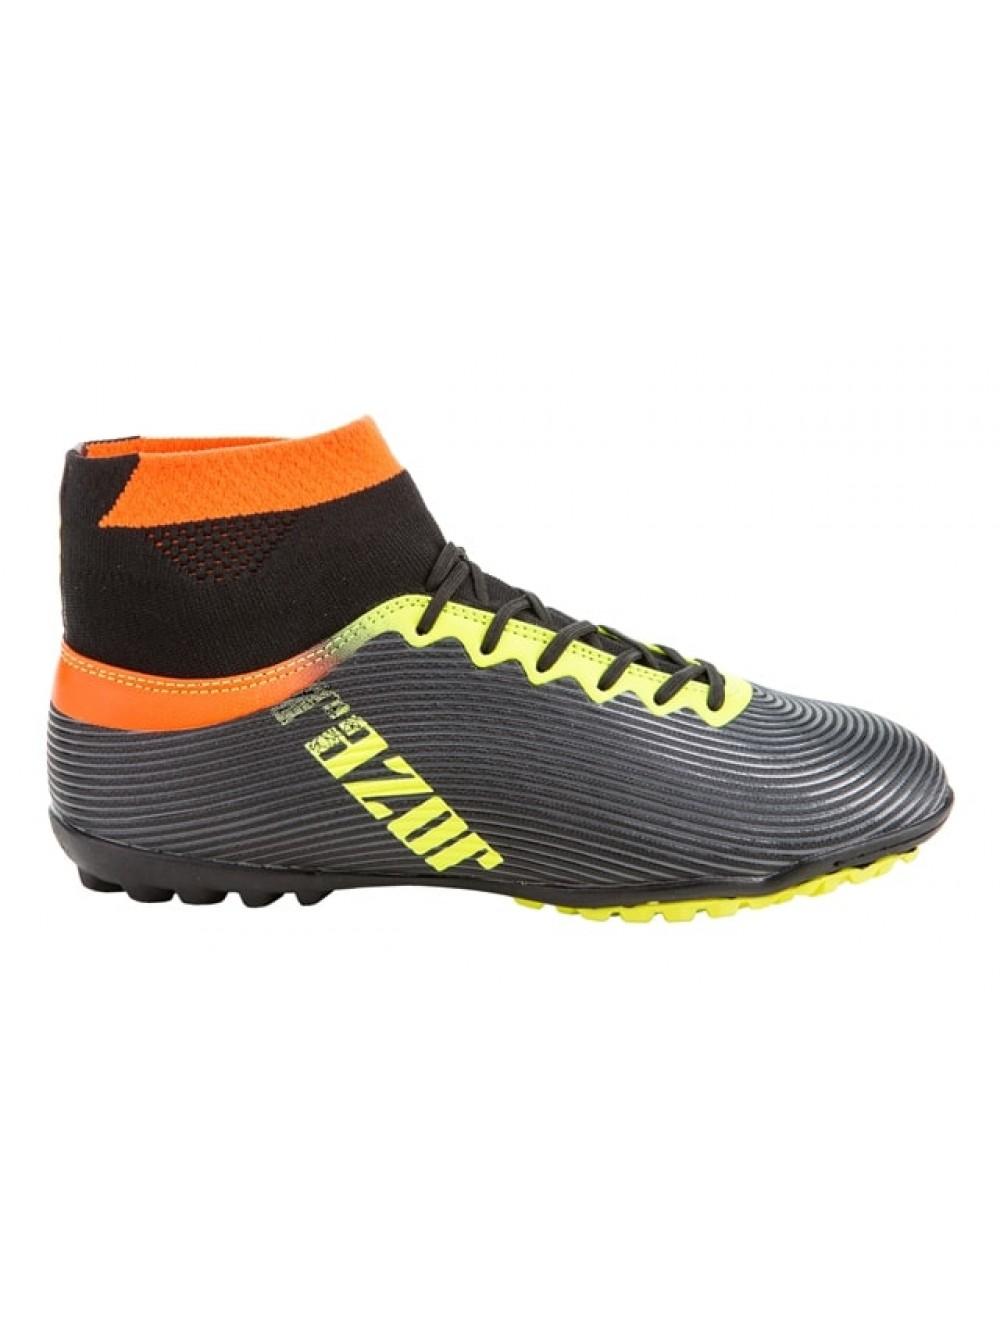 231b5c52 Обувь для футбола (сороконожка) Razor DMB17211 BLACK 41-46 | KED